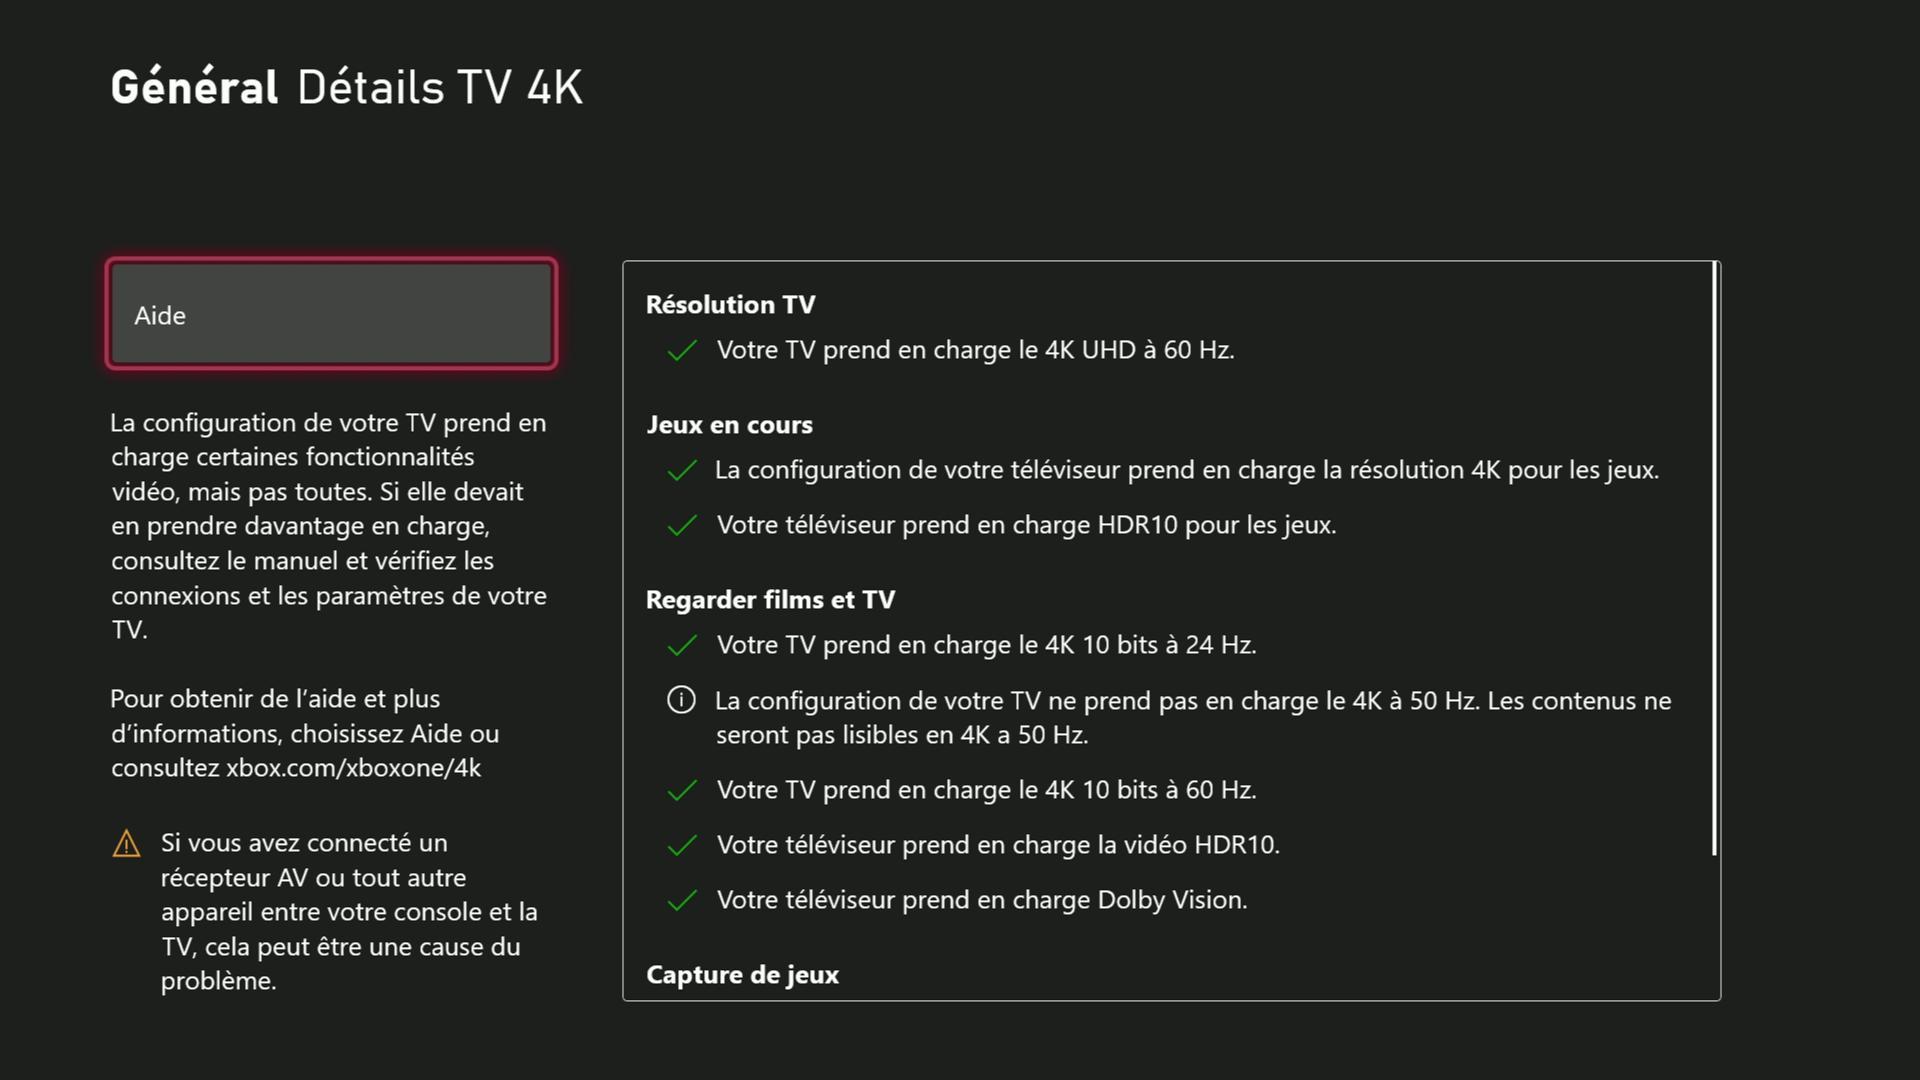 Capture d'écran des détails 4K détectés par la Xbox One X. Capture réalisée via les outils de développement du système Roku TV.